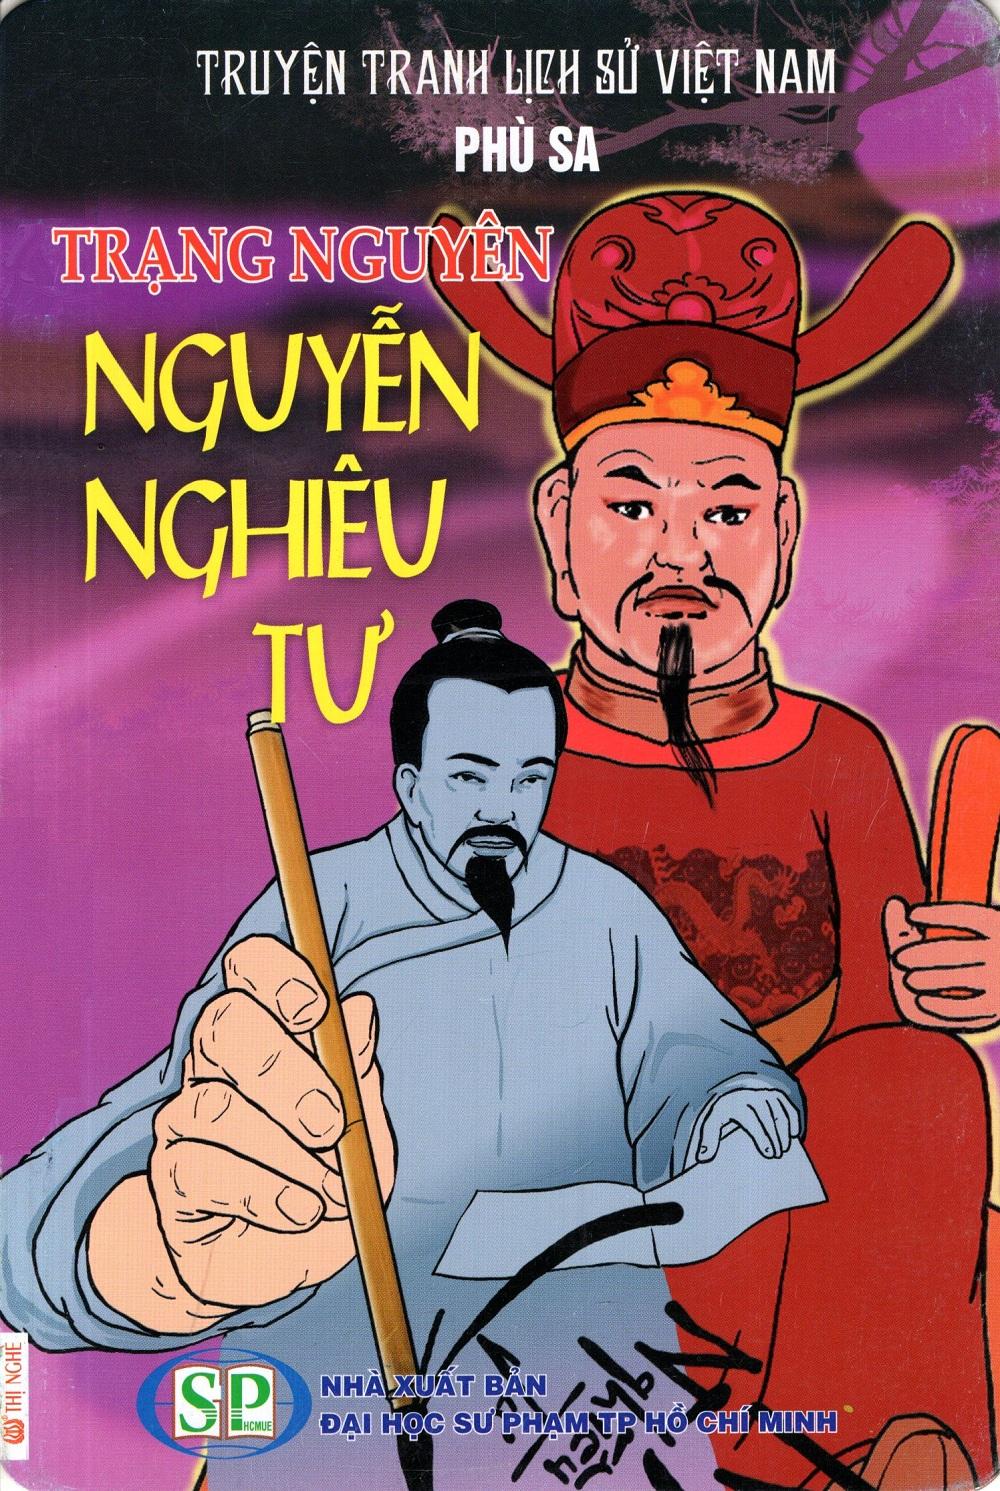 Truyện Tranh Lịch Sử Việt Nam - Trạng Nguyên Nguyễn Nghiêu Tư